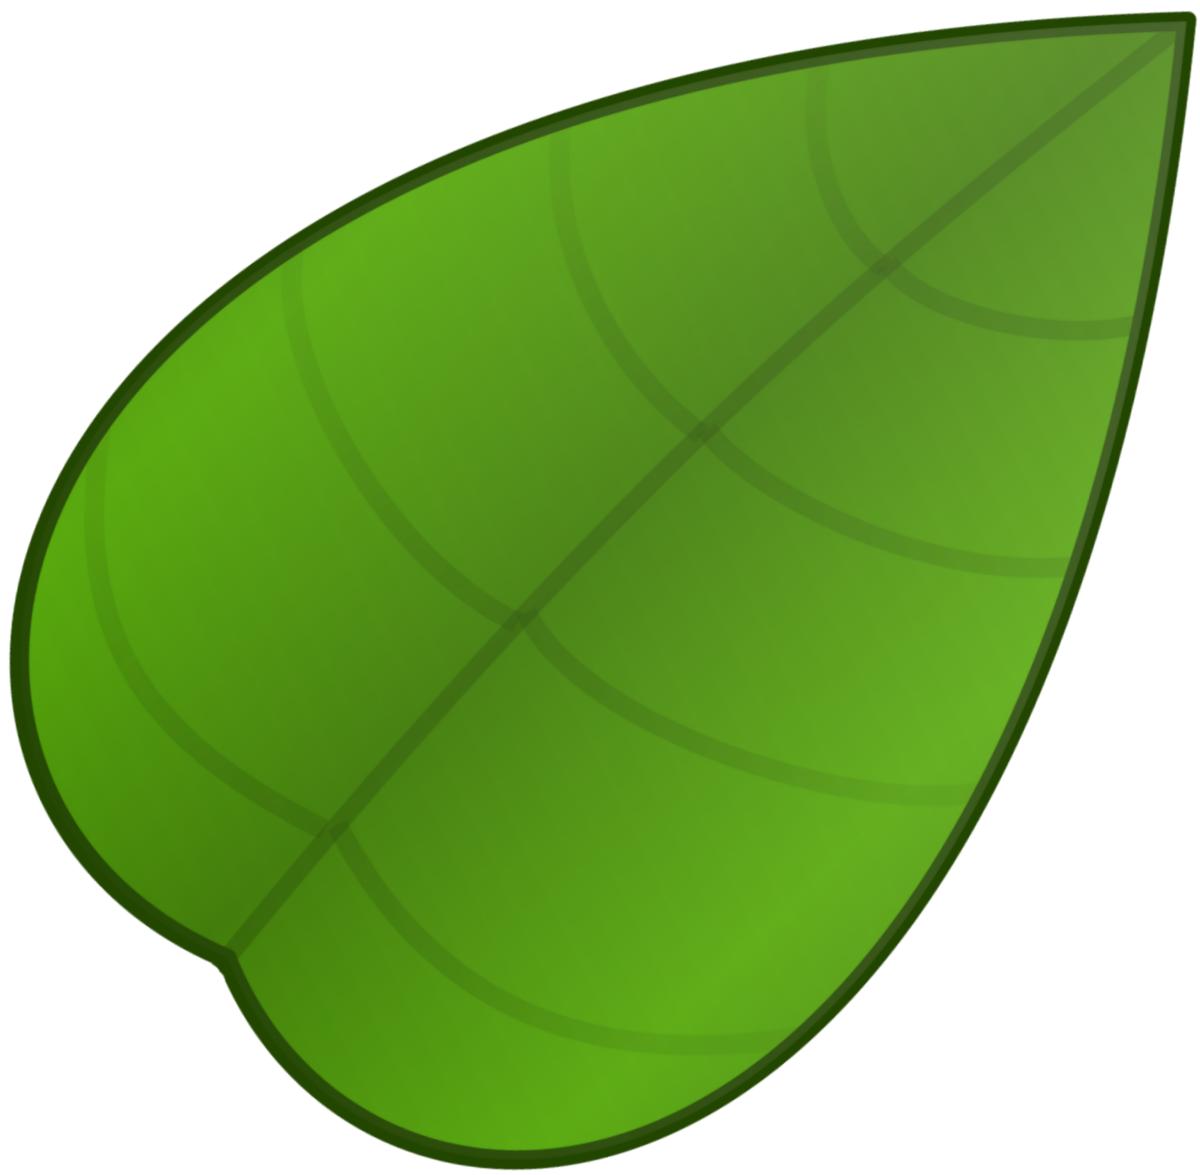 Картинка для детей зеленый листочек